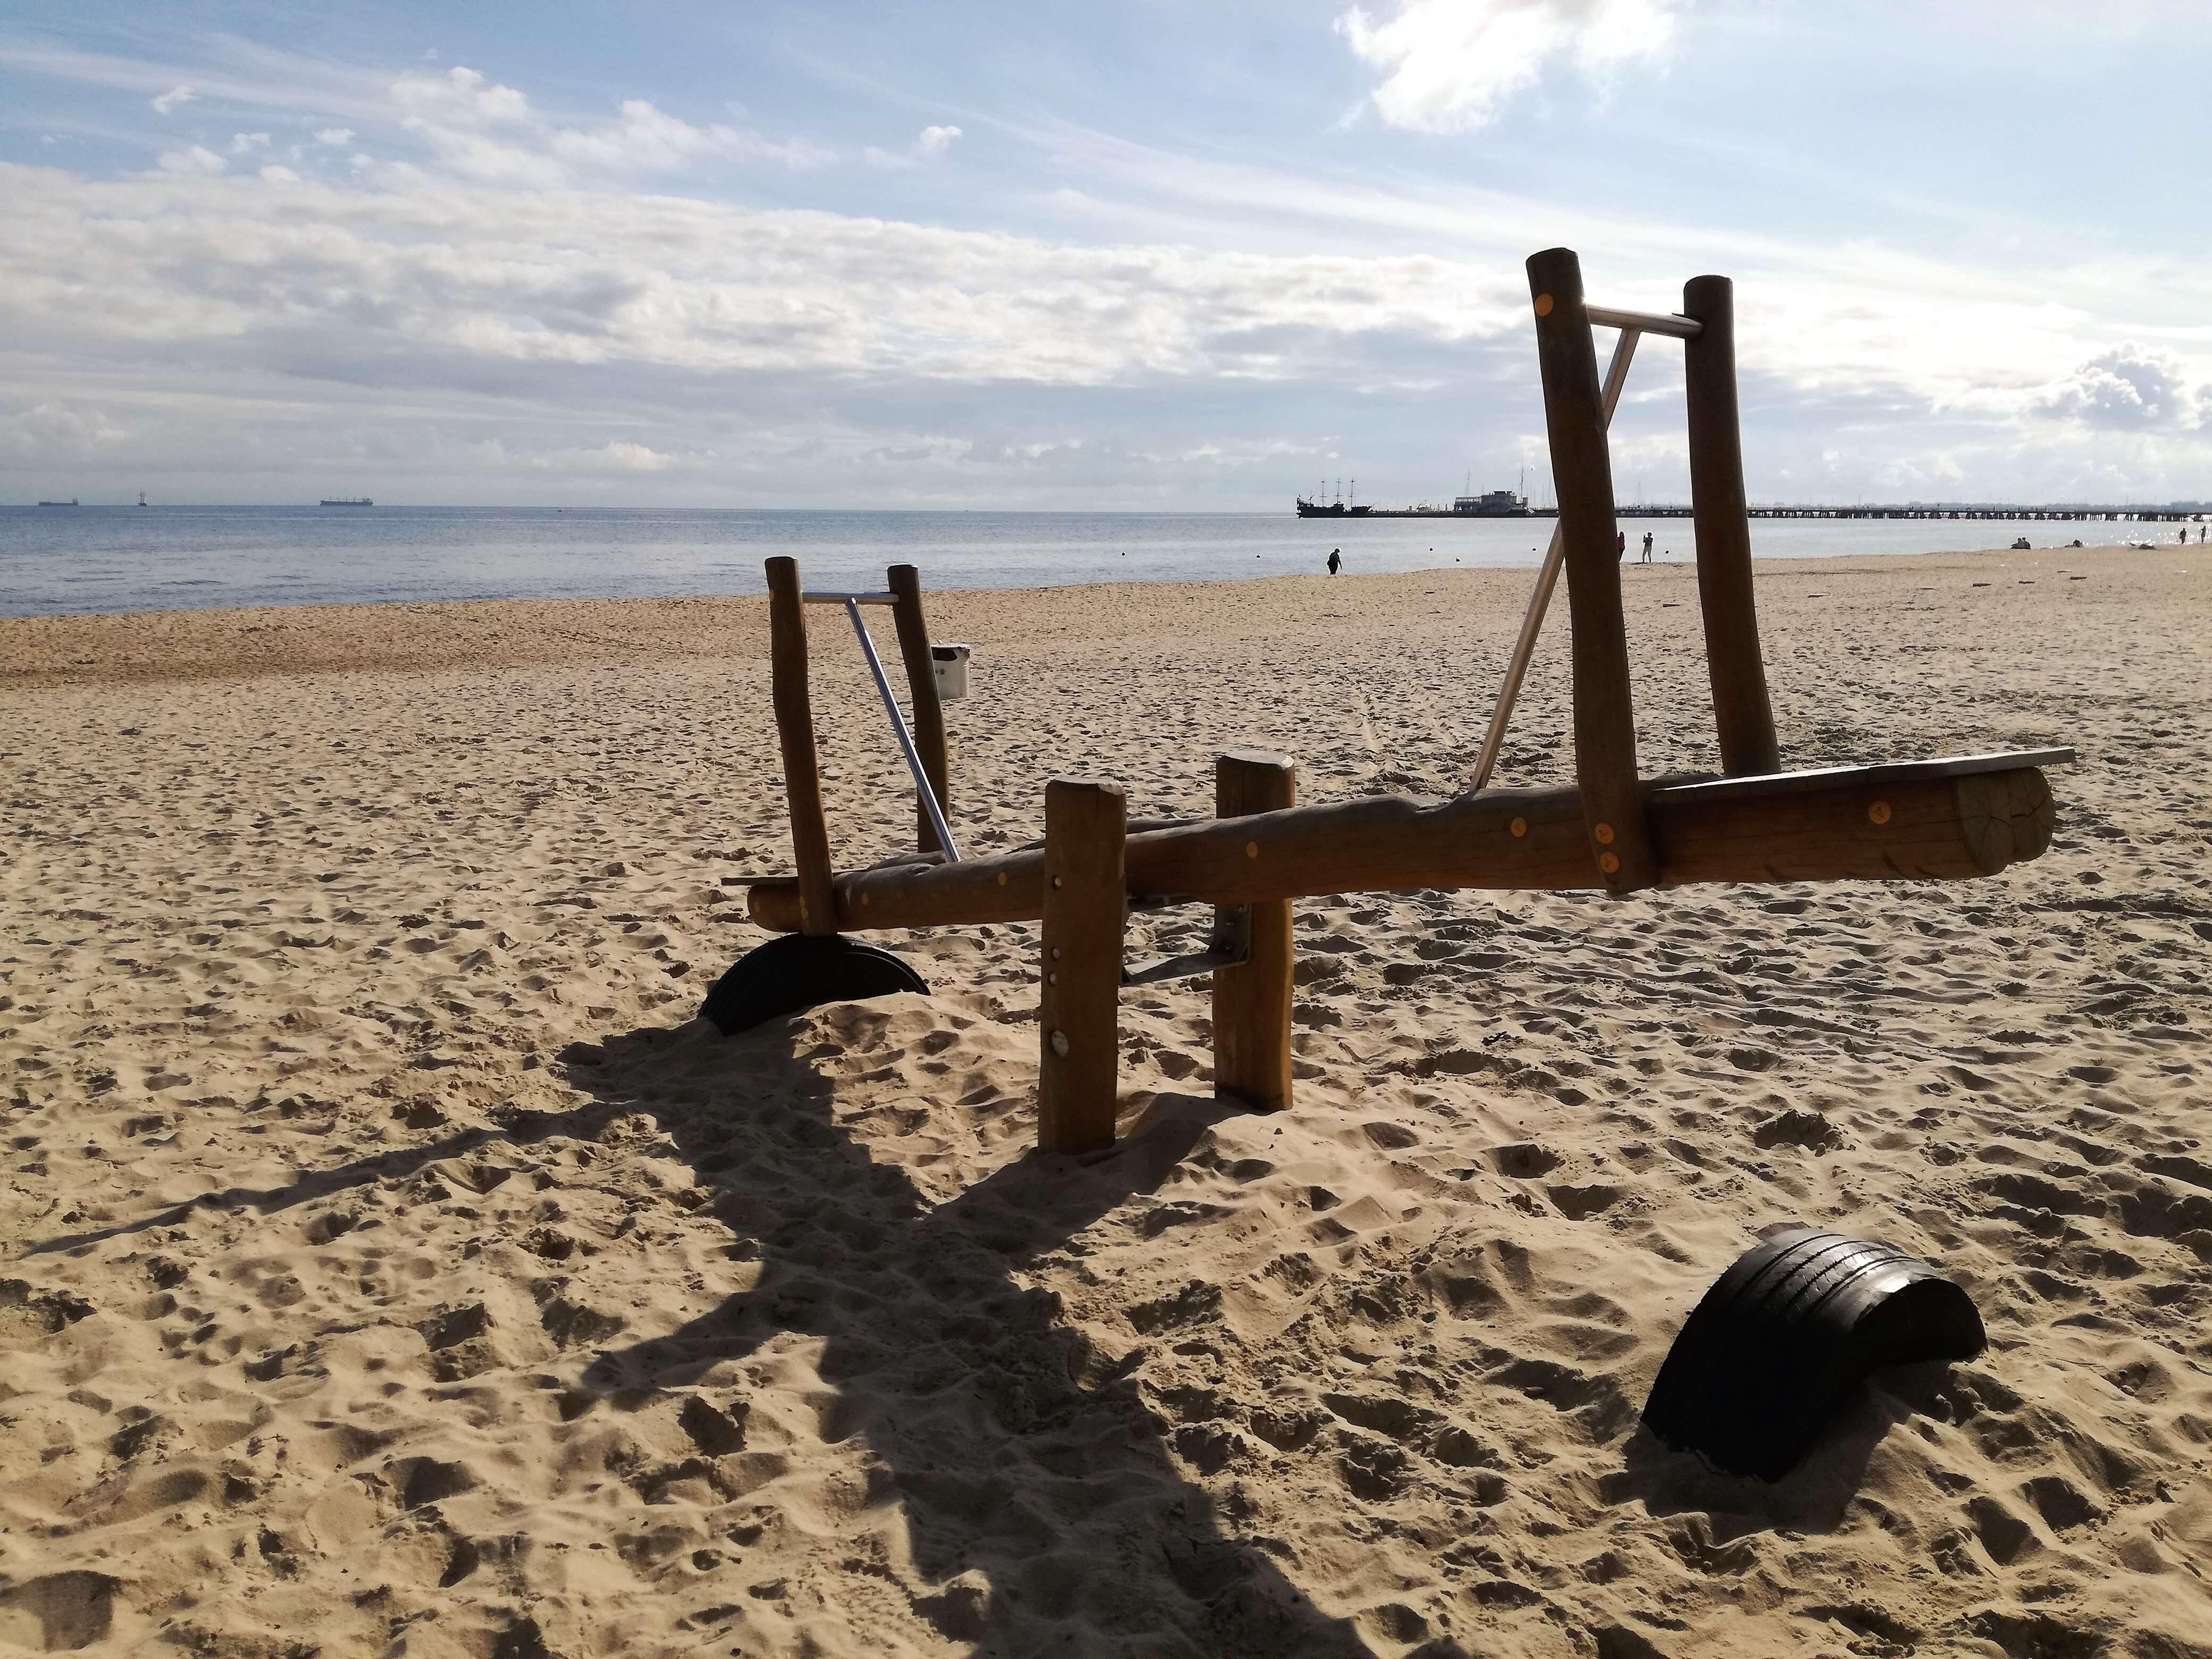 Plac zabaw na plaży Sopot 5_atrakcje dla dzieci Sopot - rodzinnykompas.pl